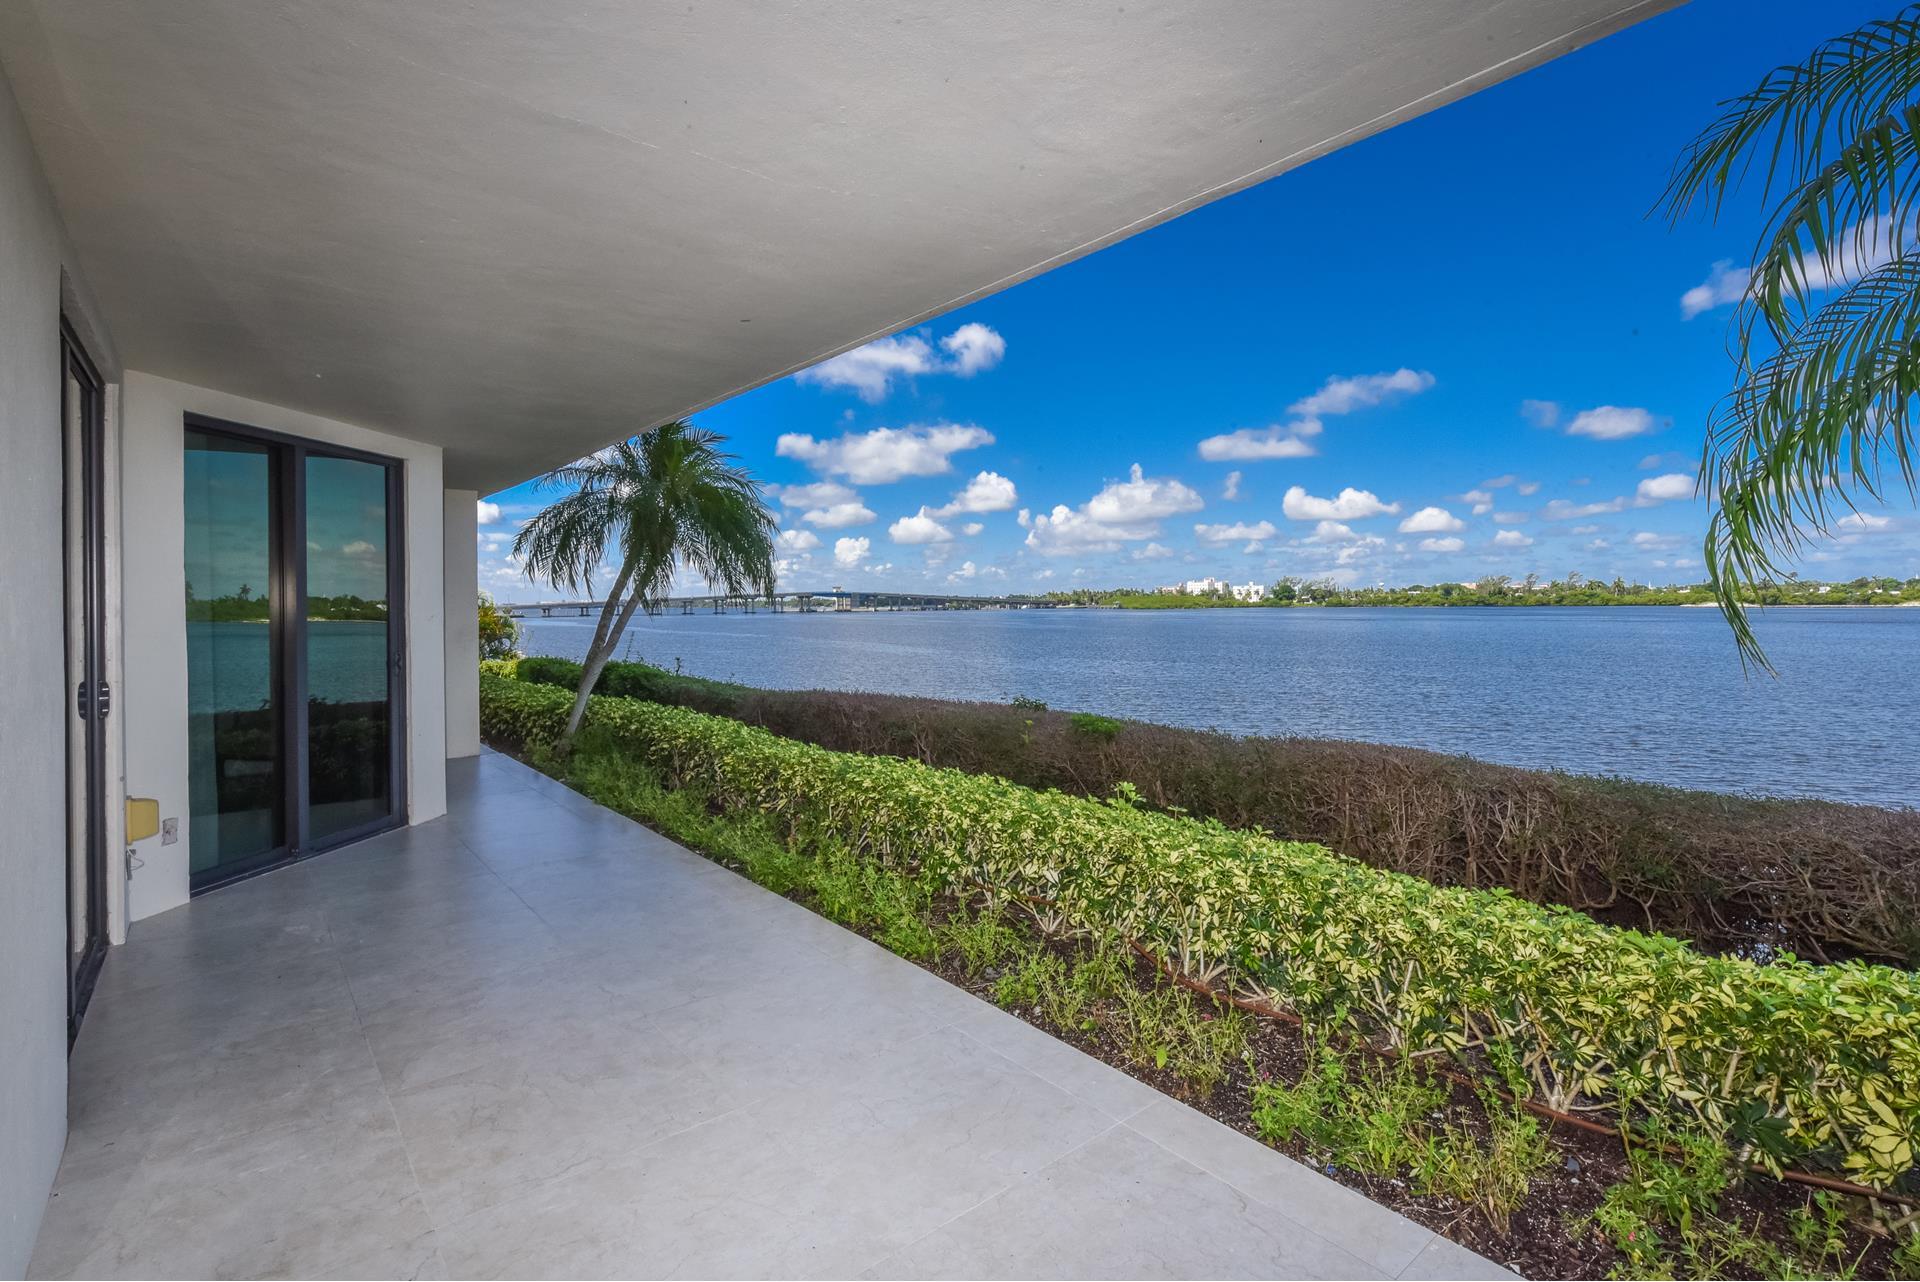 2778 S Ocean Boulevard, 108n - Palm Beach, Florida